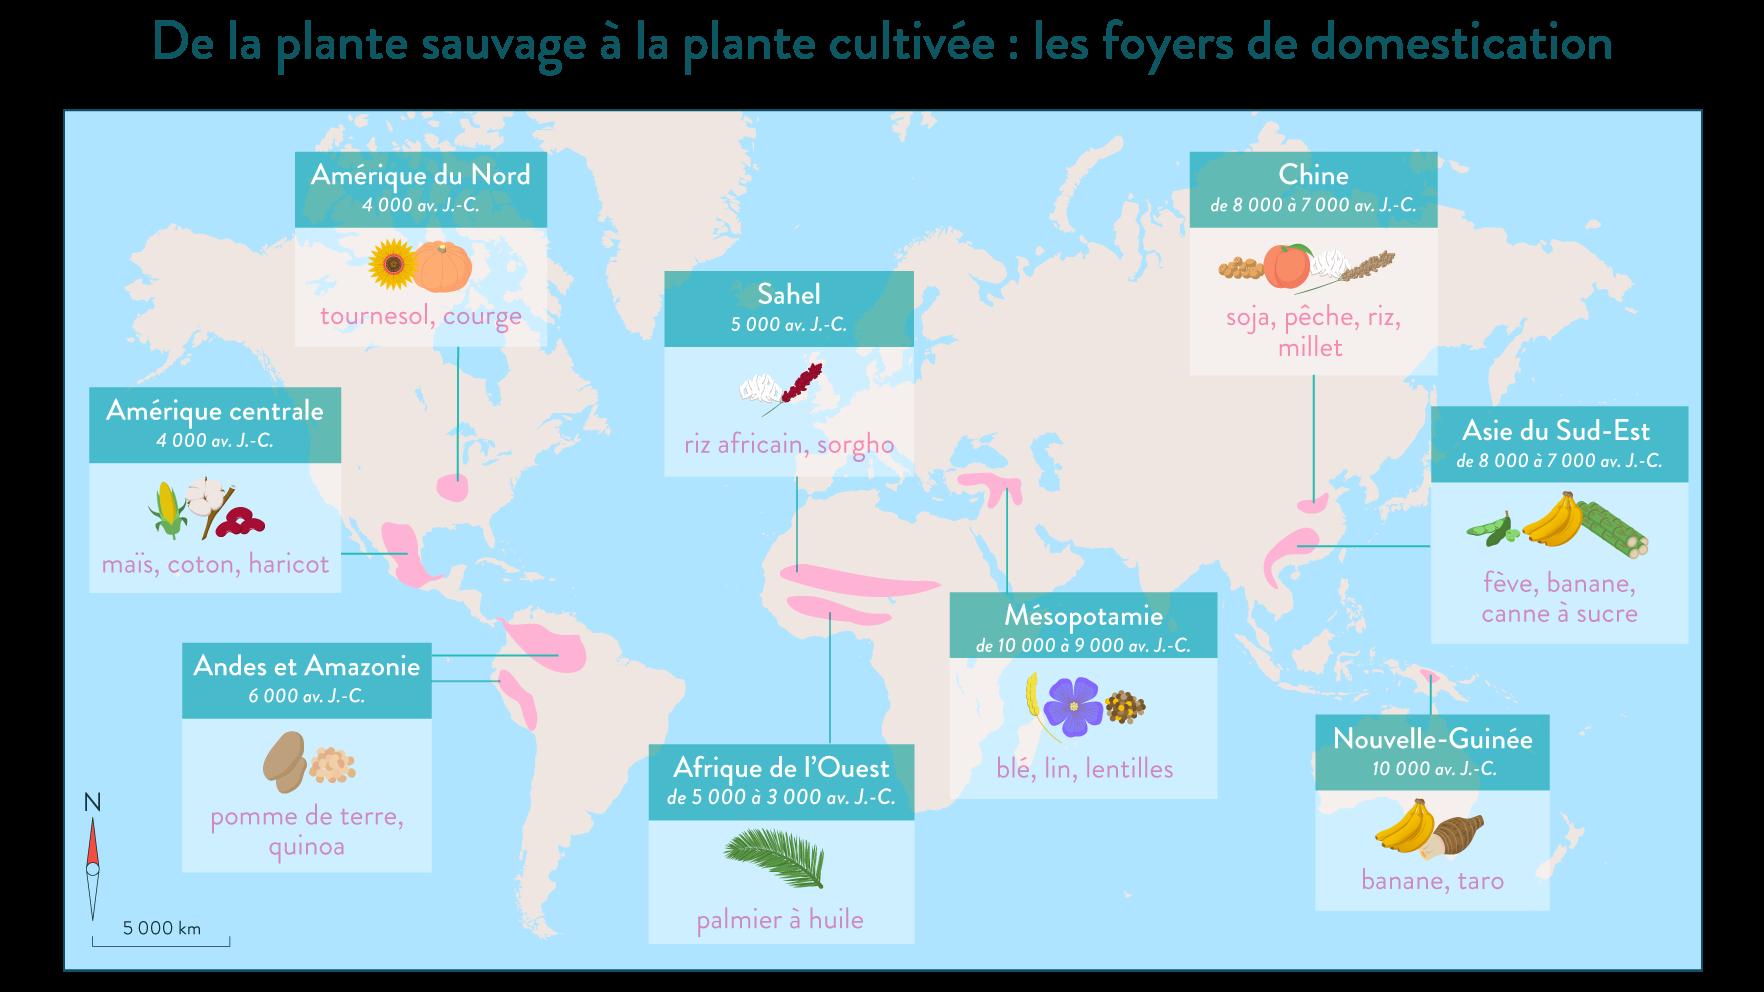 Plante sauvage plante cultivée foyers de domestication monde